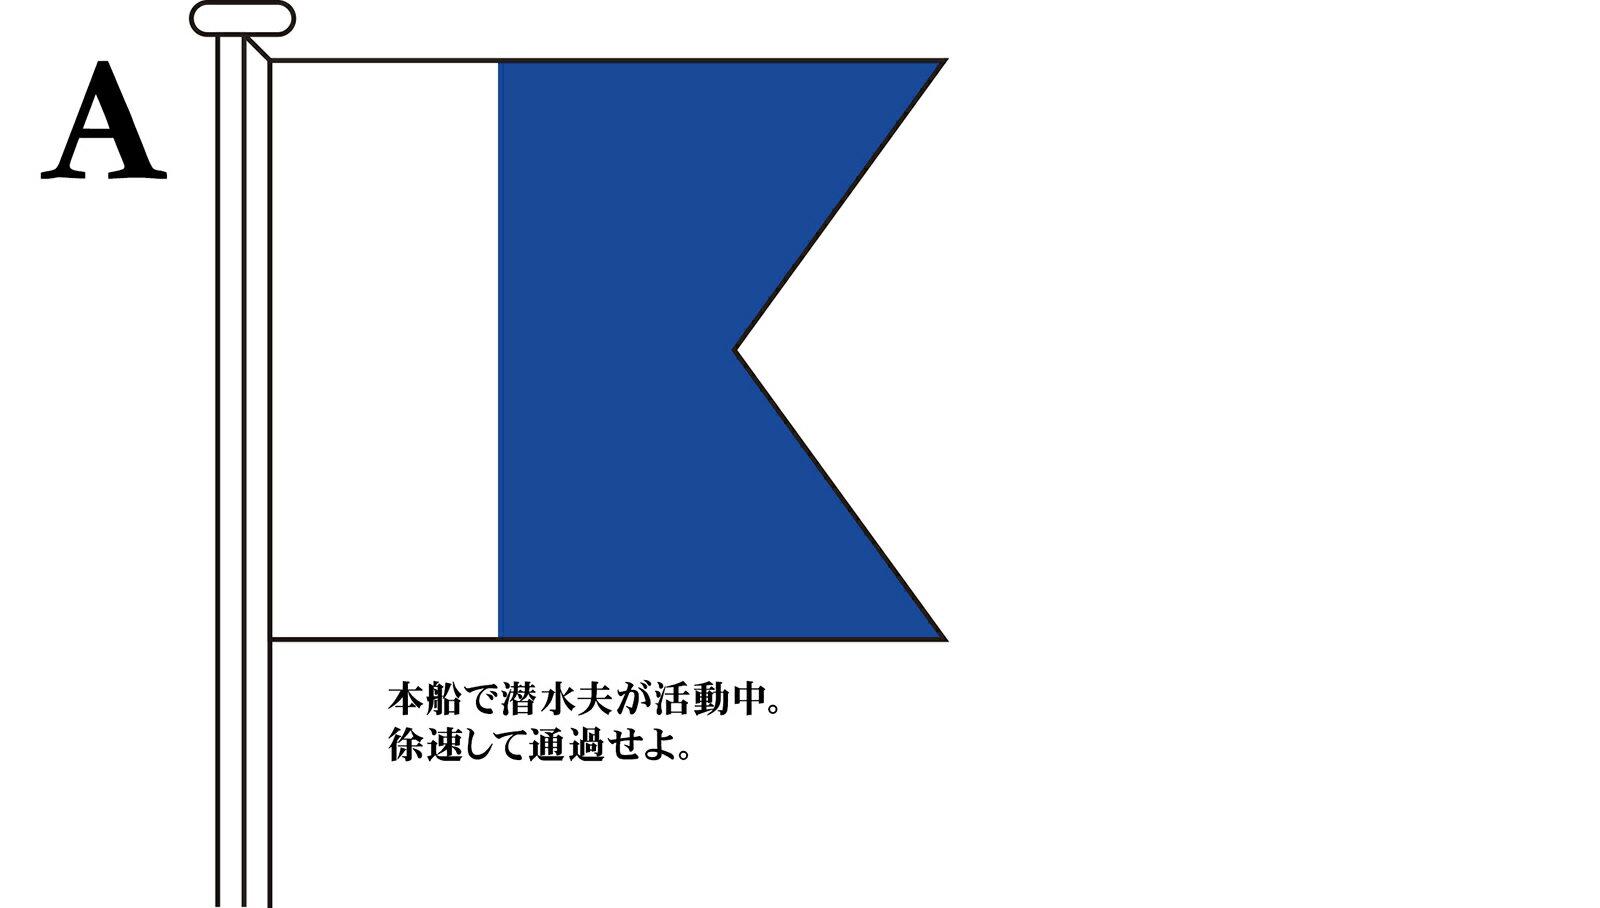 国際信号旗 文字旗 Alphabetical Flags【A】[1.5巾 小型用:71×86cm・アクリル]